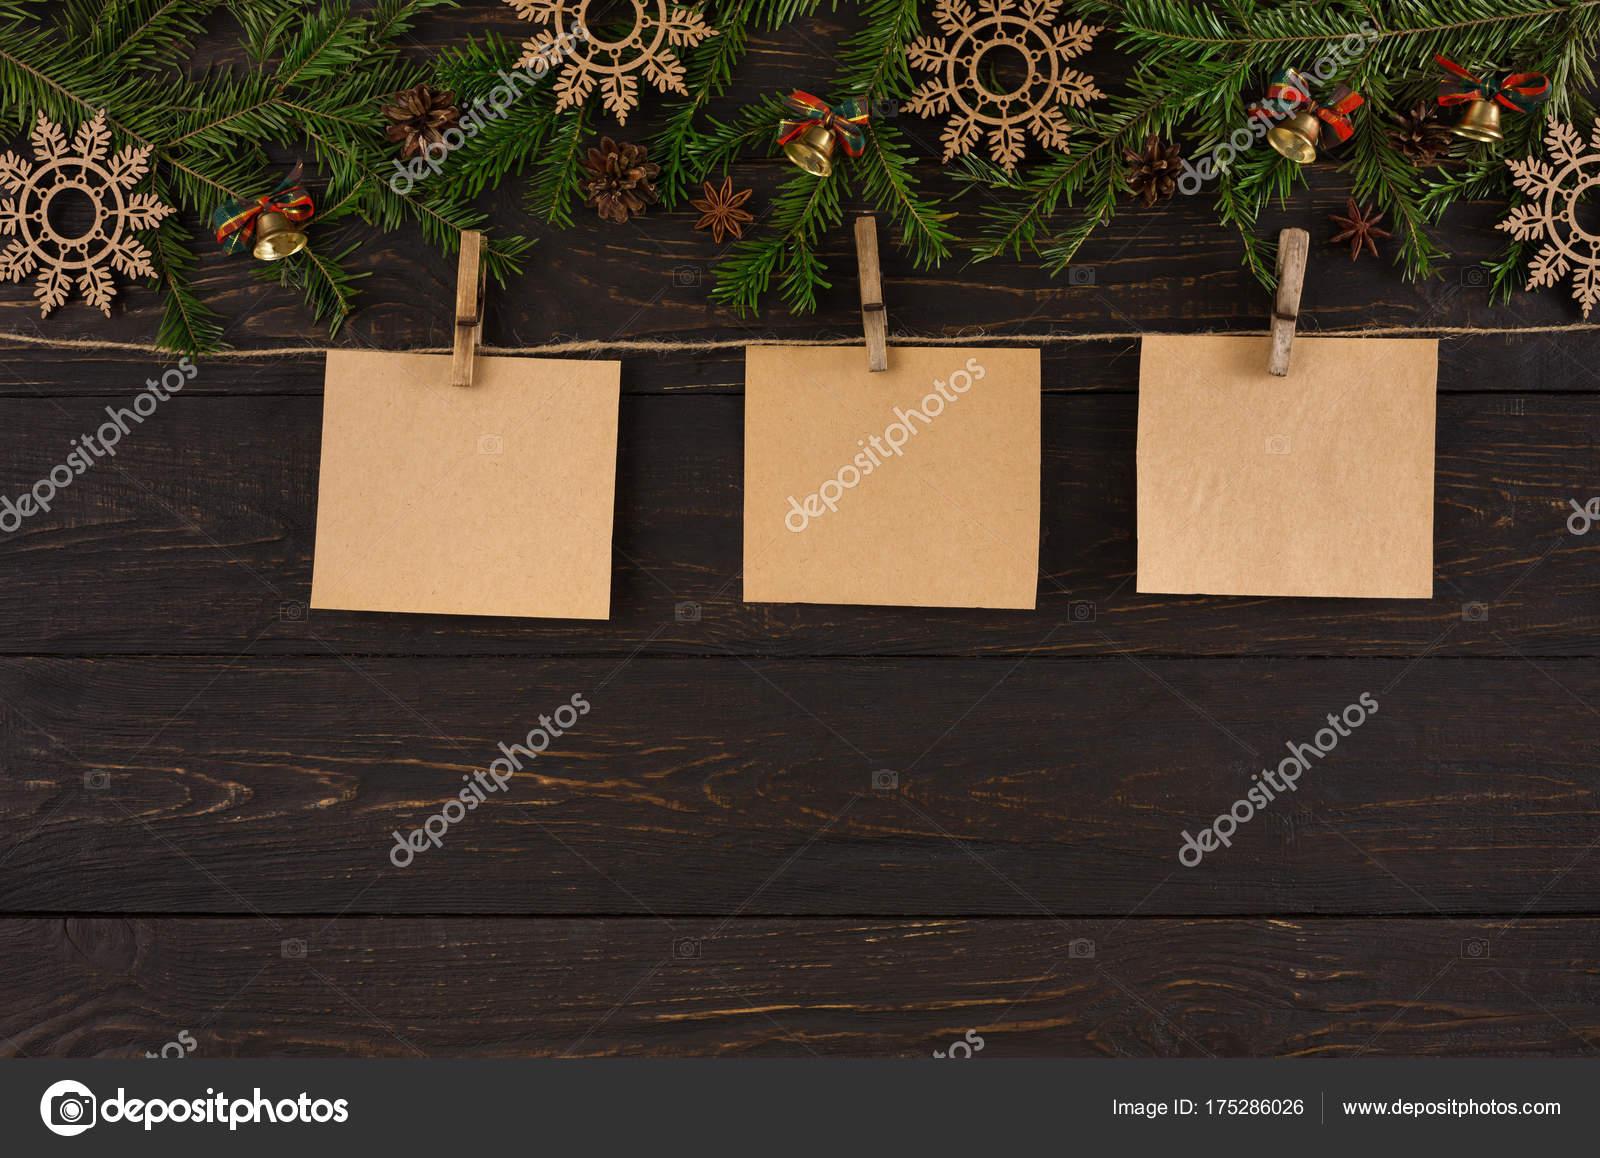 Tarjetas de Navidad decoración, ornamento y garland fondo de marco ...